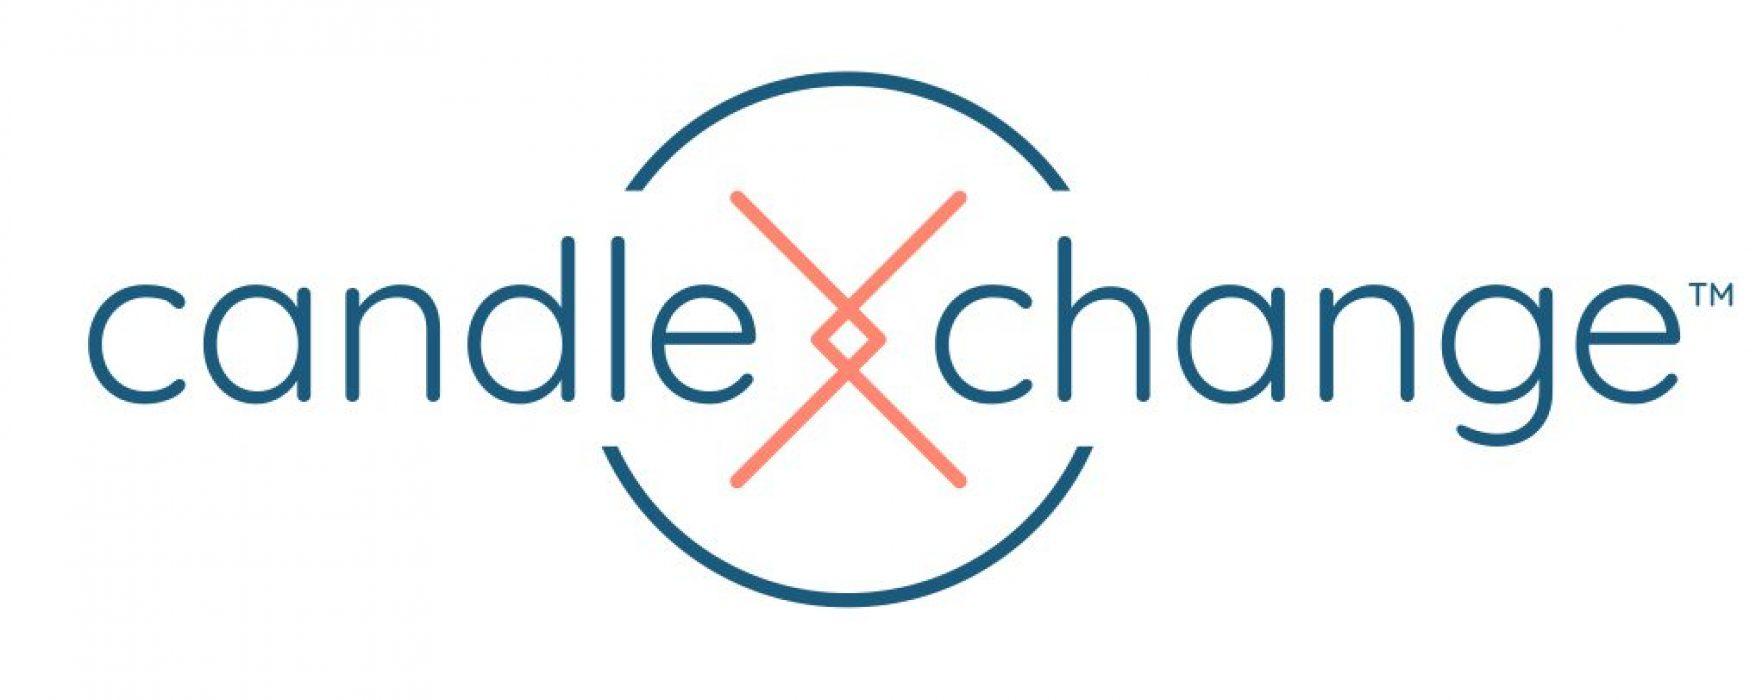 Candlexchange logo + icon - dark blue + dark coral PMS